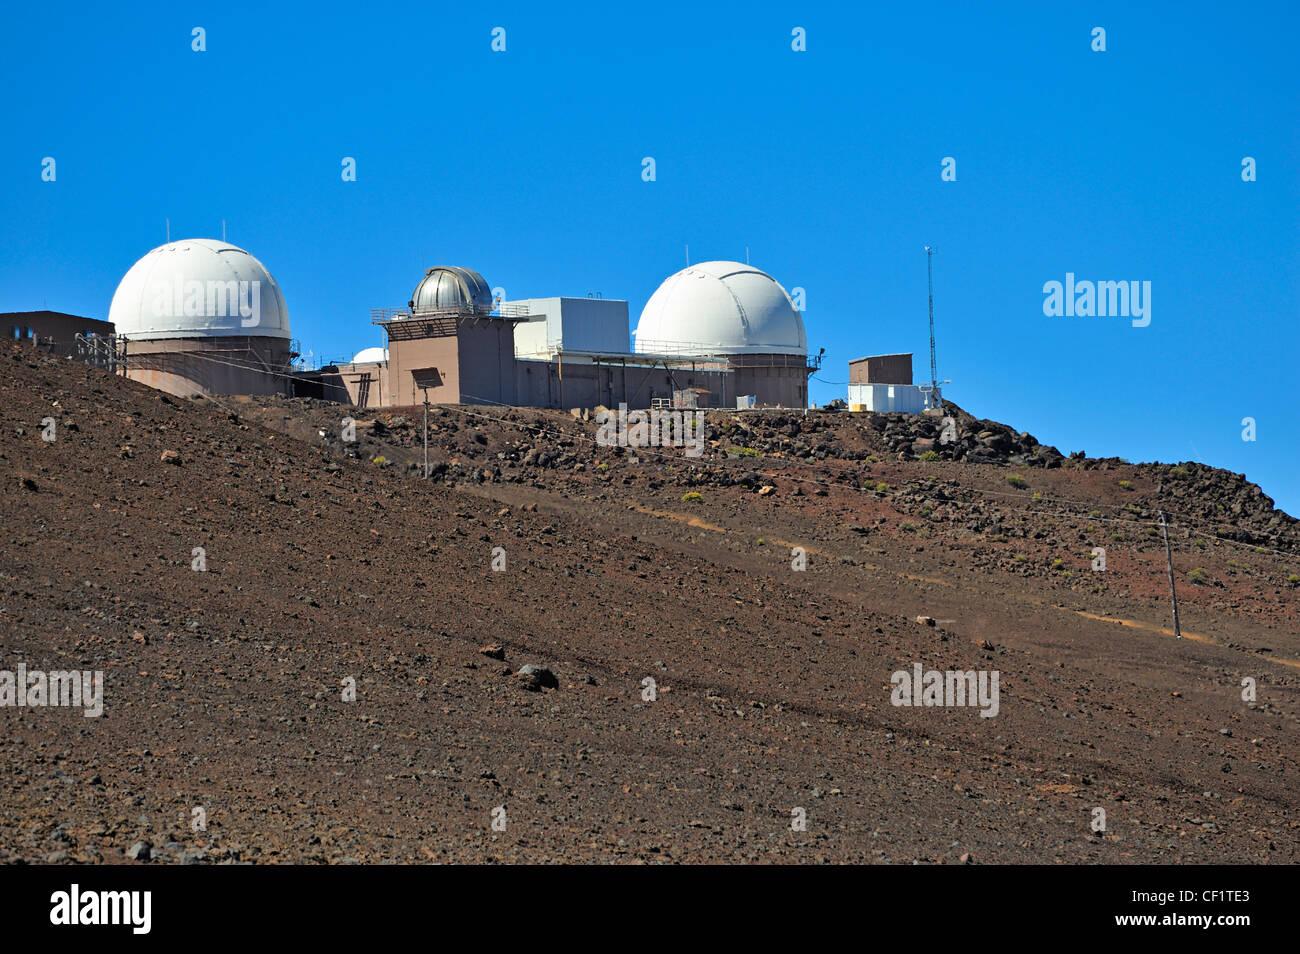 Haleakala Observatory at the Maui Space Surveillance Complex, Haleakala National Park, Maui Island, Hawaii Islands, Stock Photo